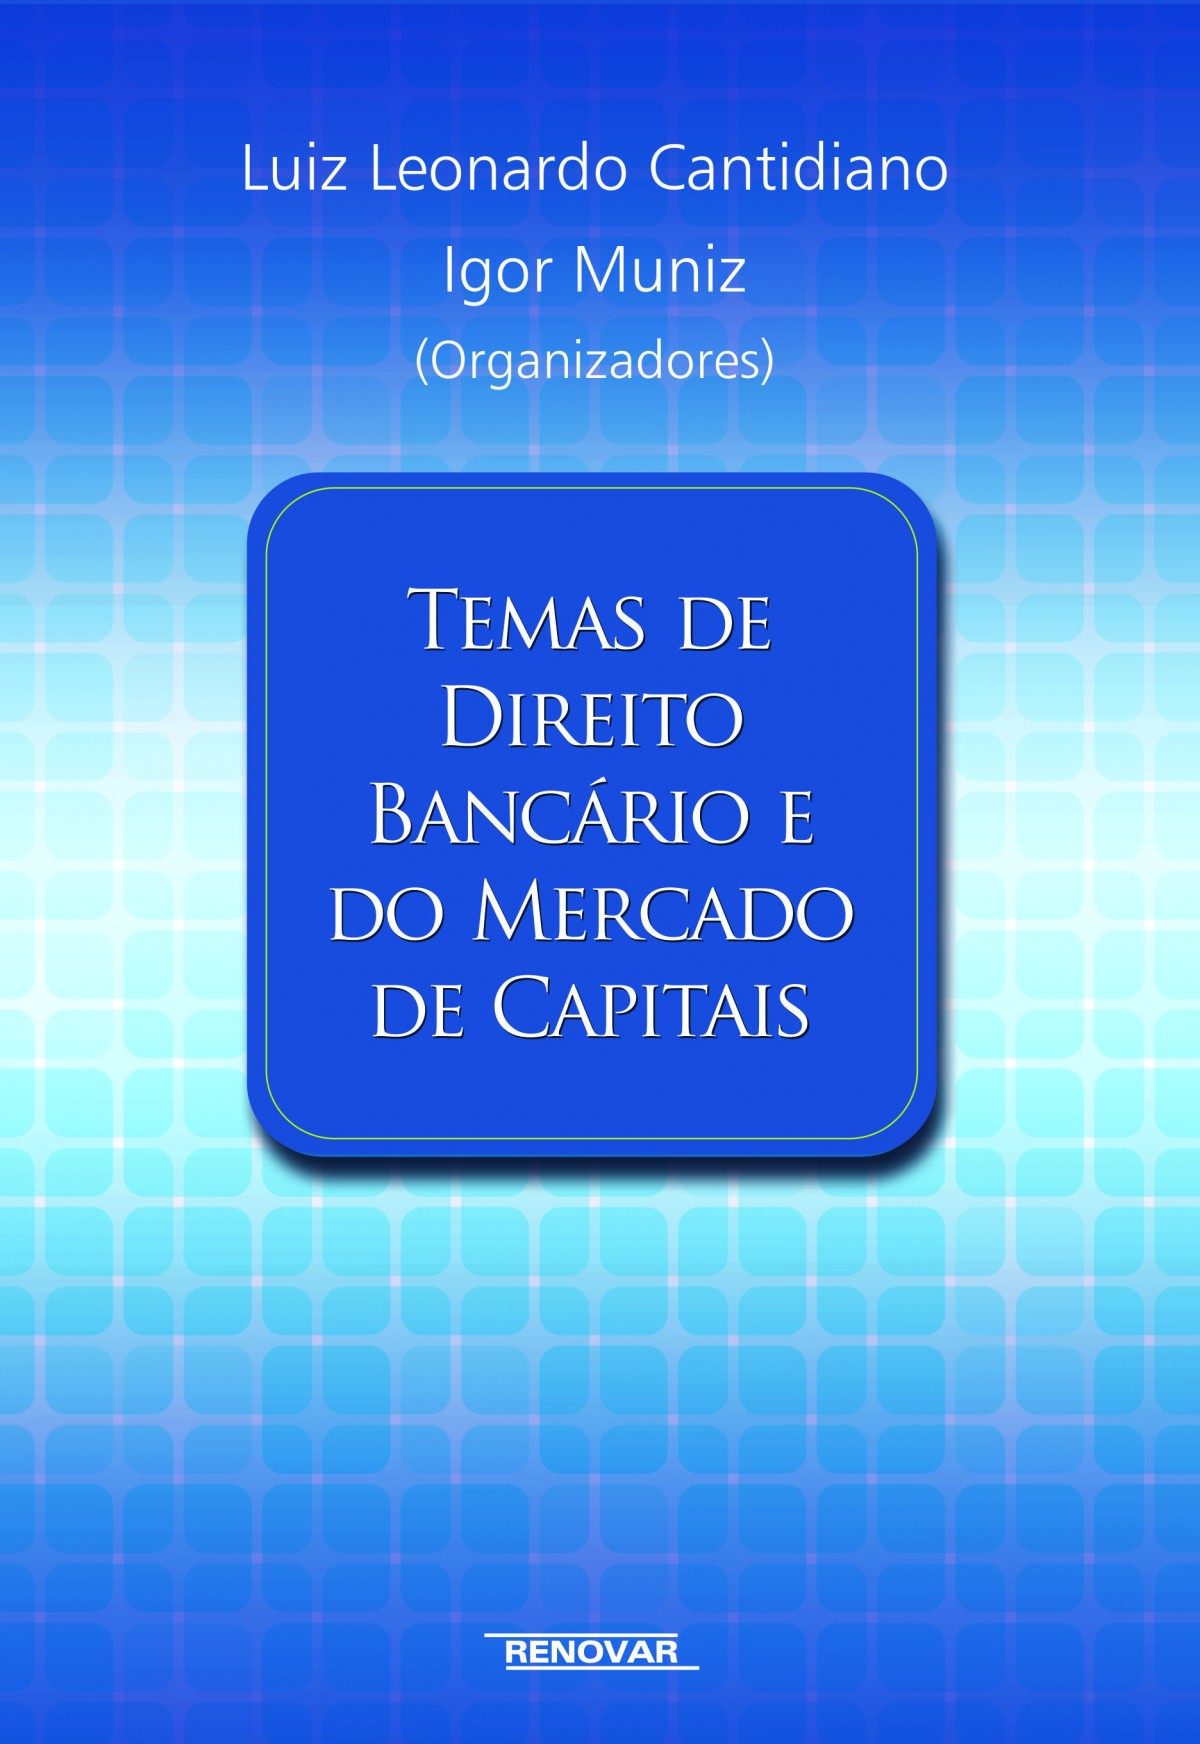 Foto 1 - Temas de Direito Bancário e do Mercado de Capitais